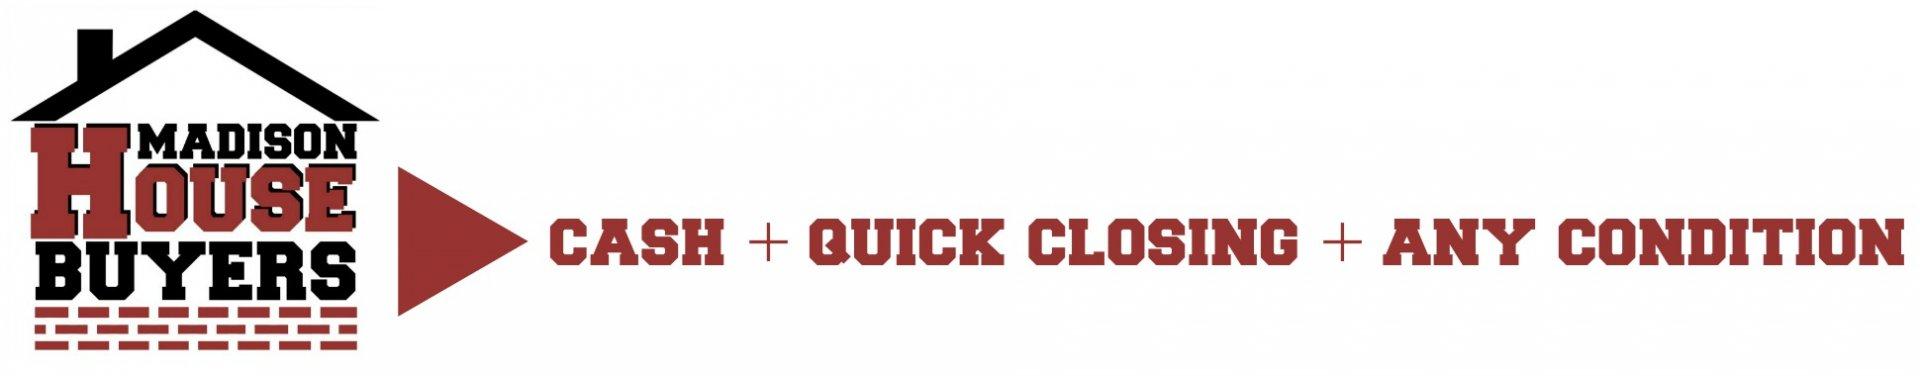 Madison House Buyers logo